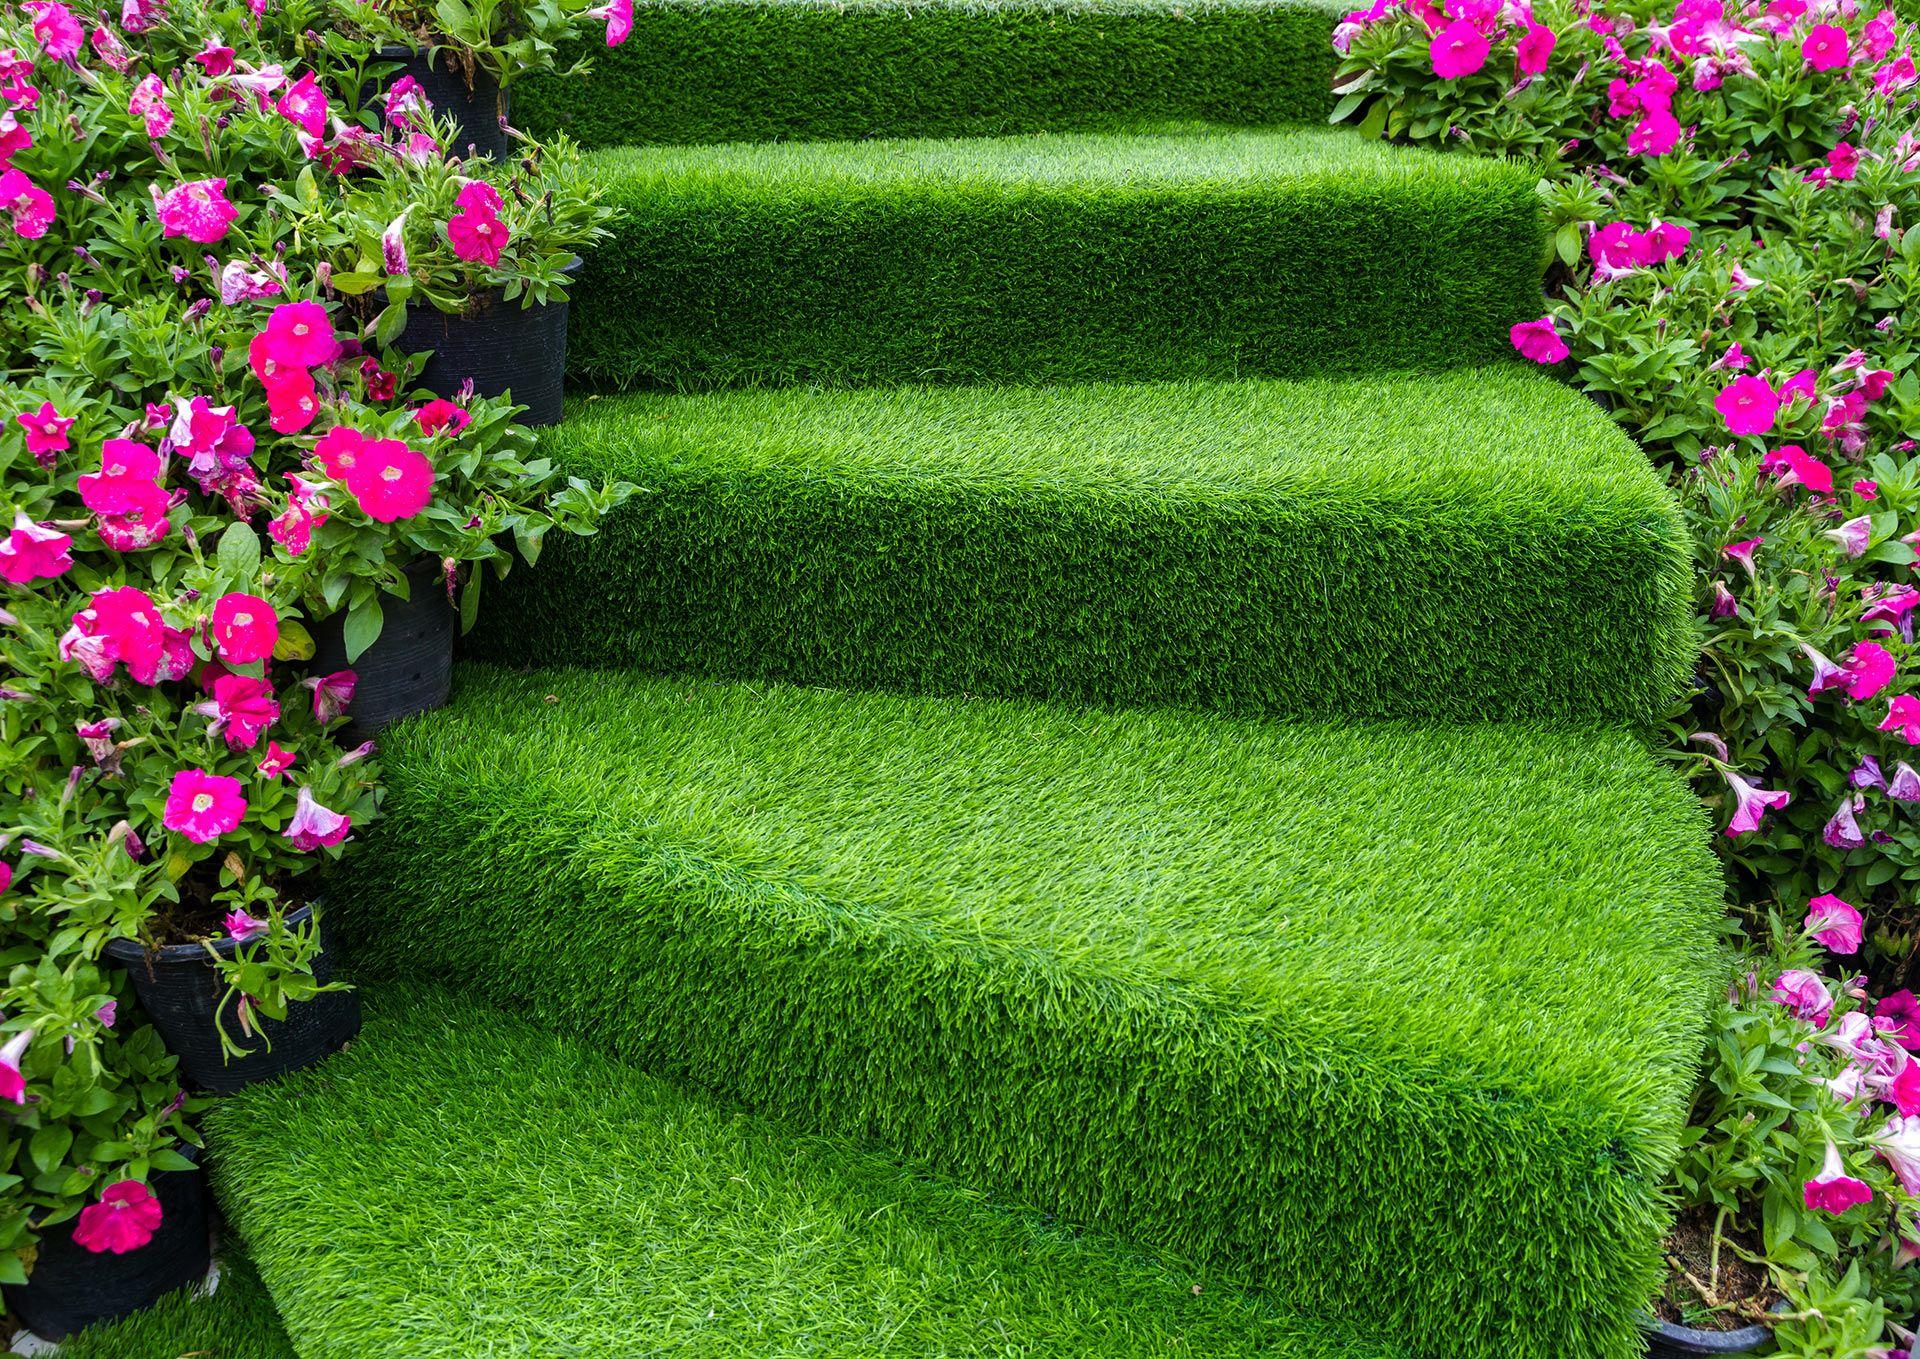 Pin on Artificial Grass Ideas